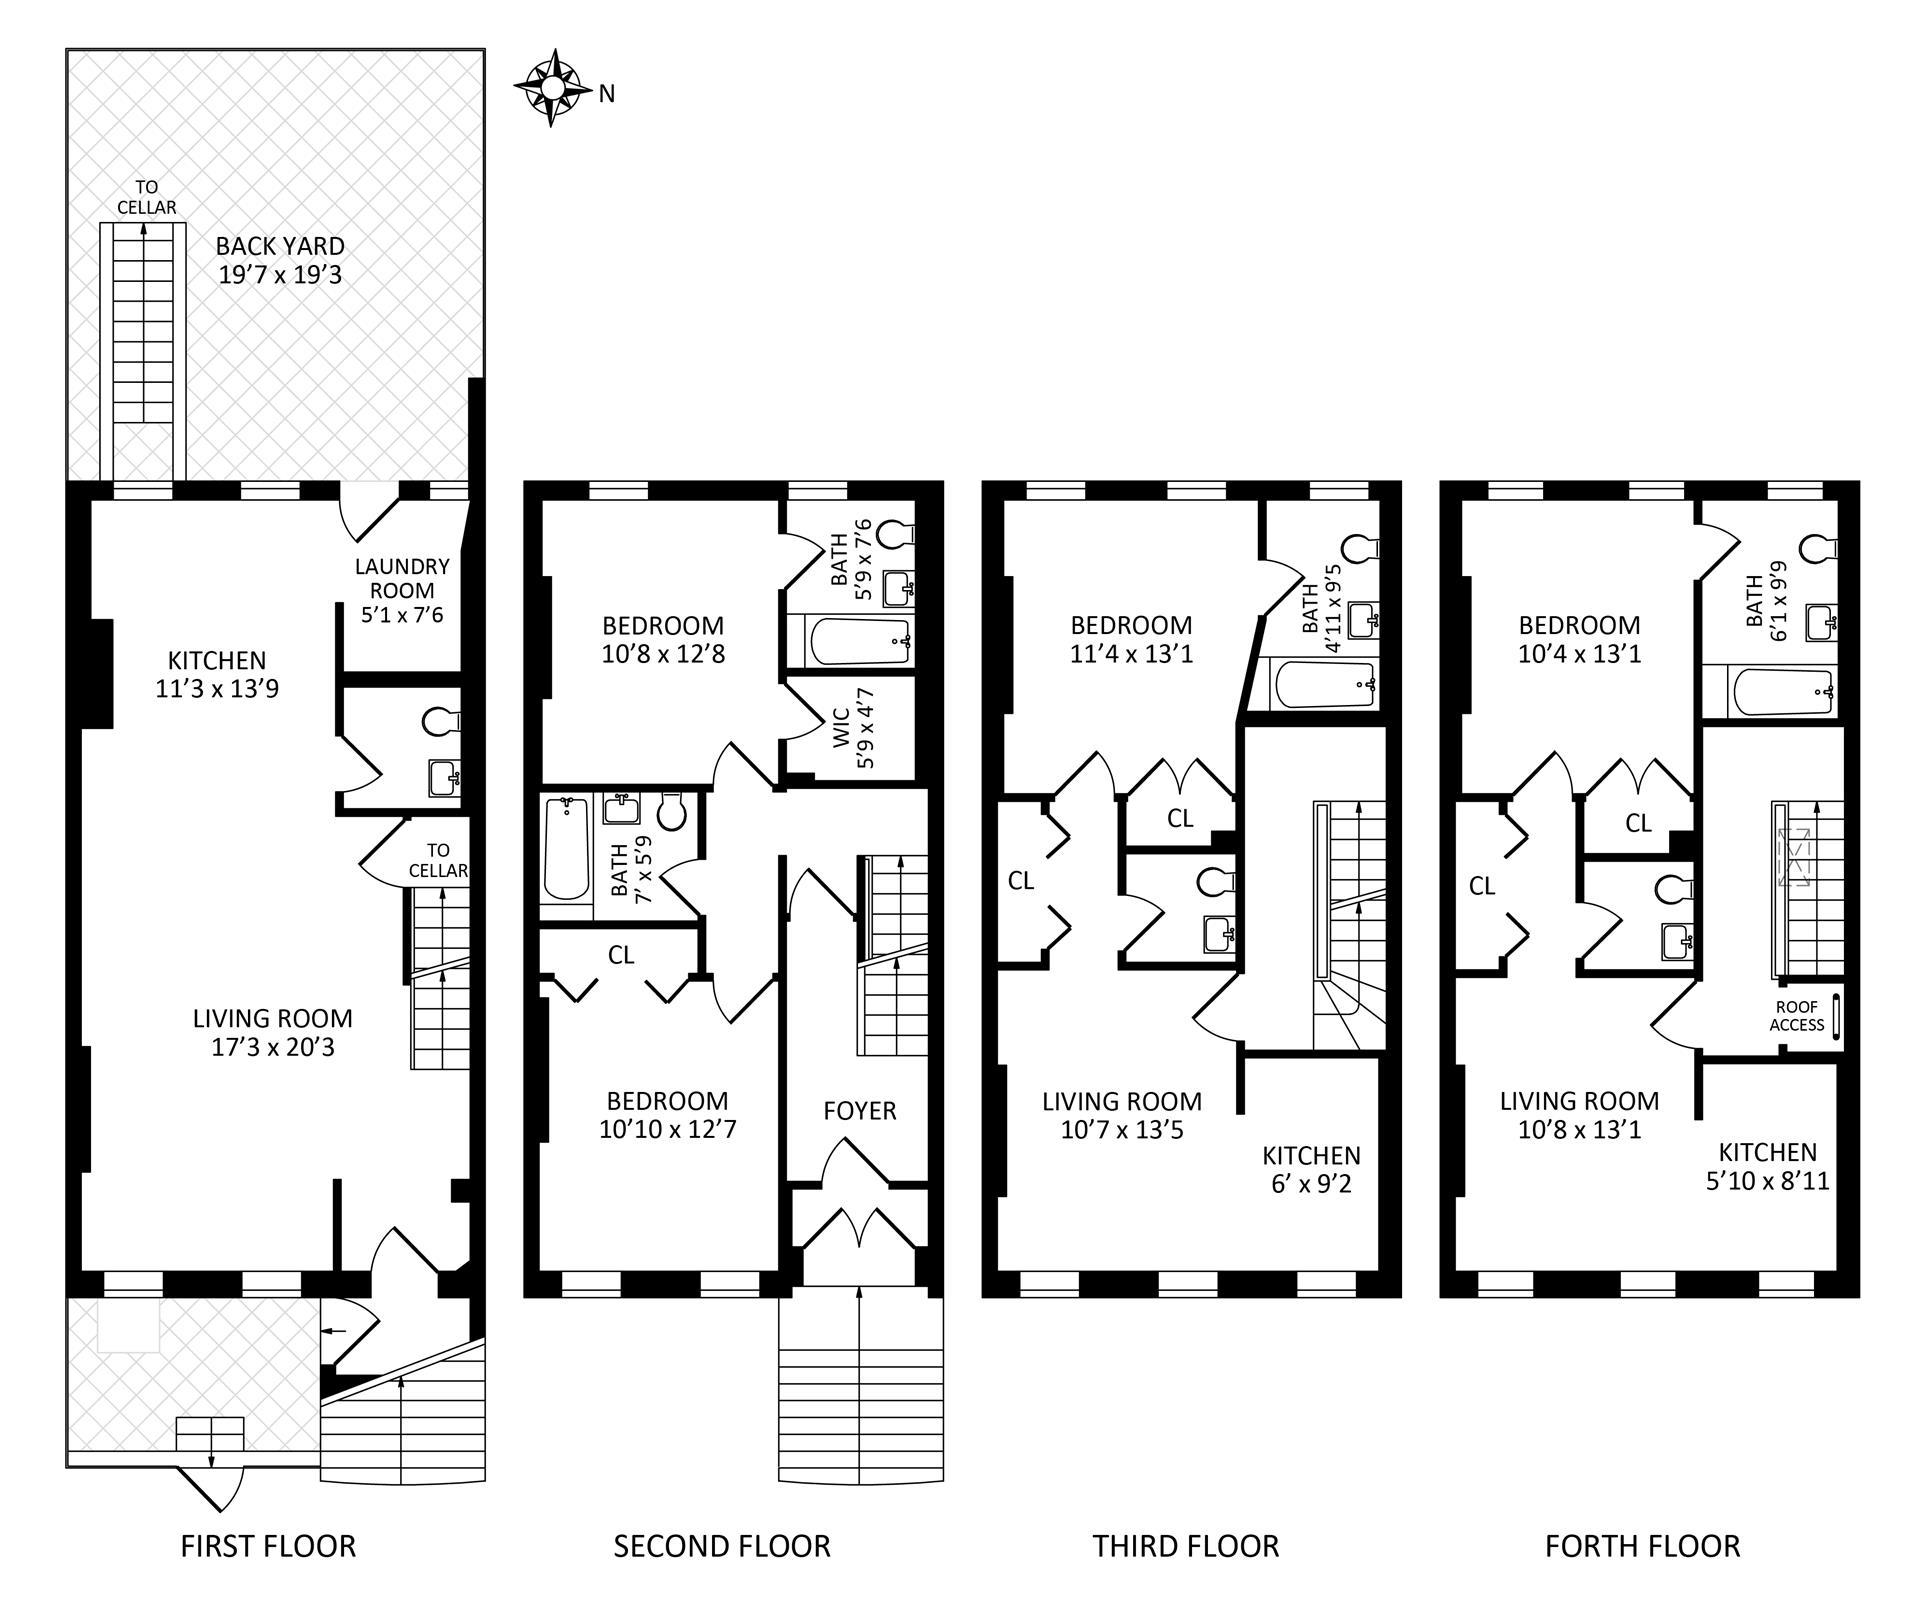 Floor plan of 48 St Felix St - Fort Greene, New York